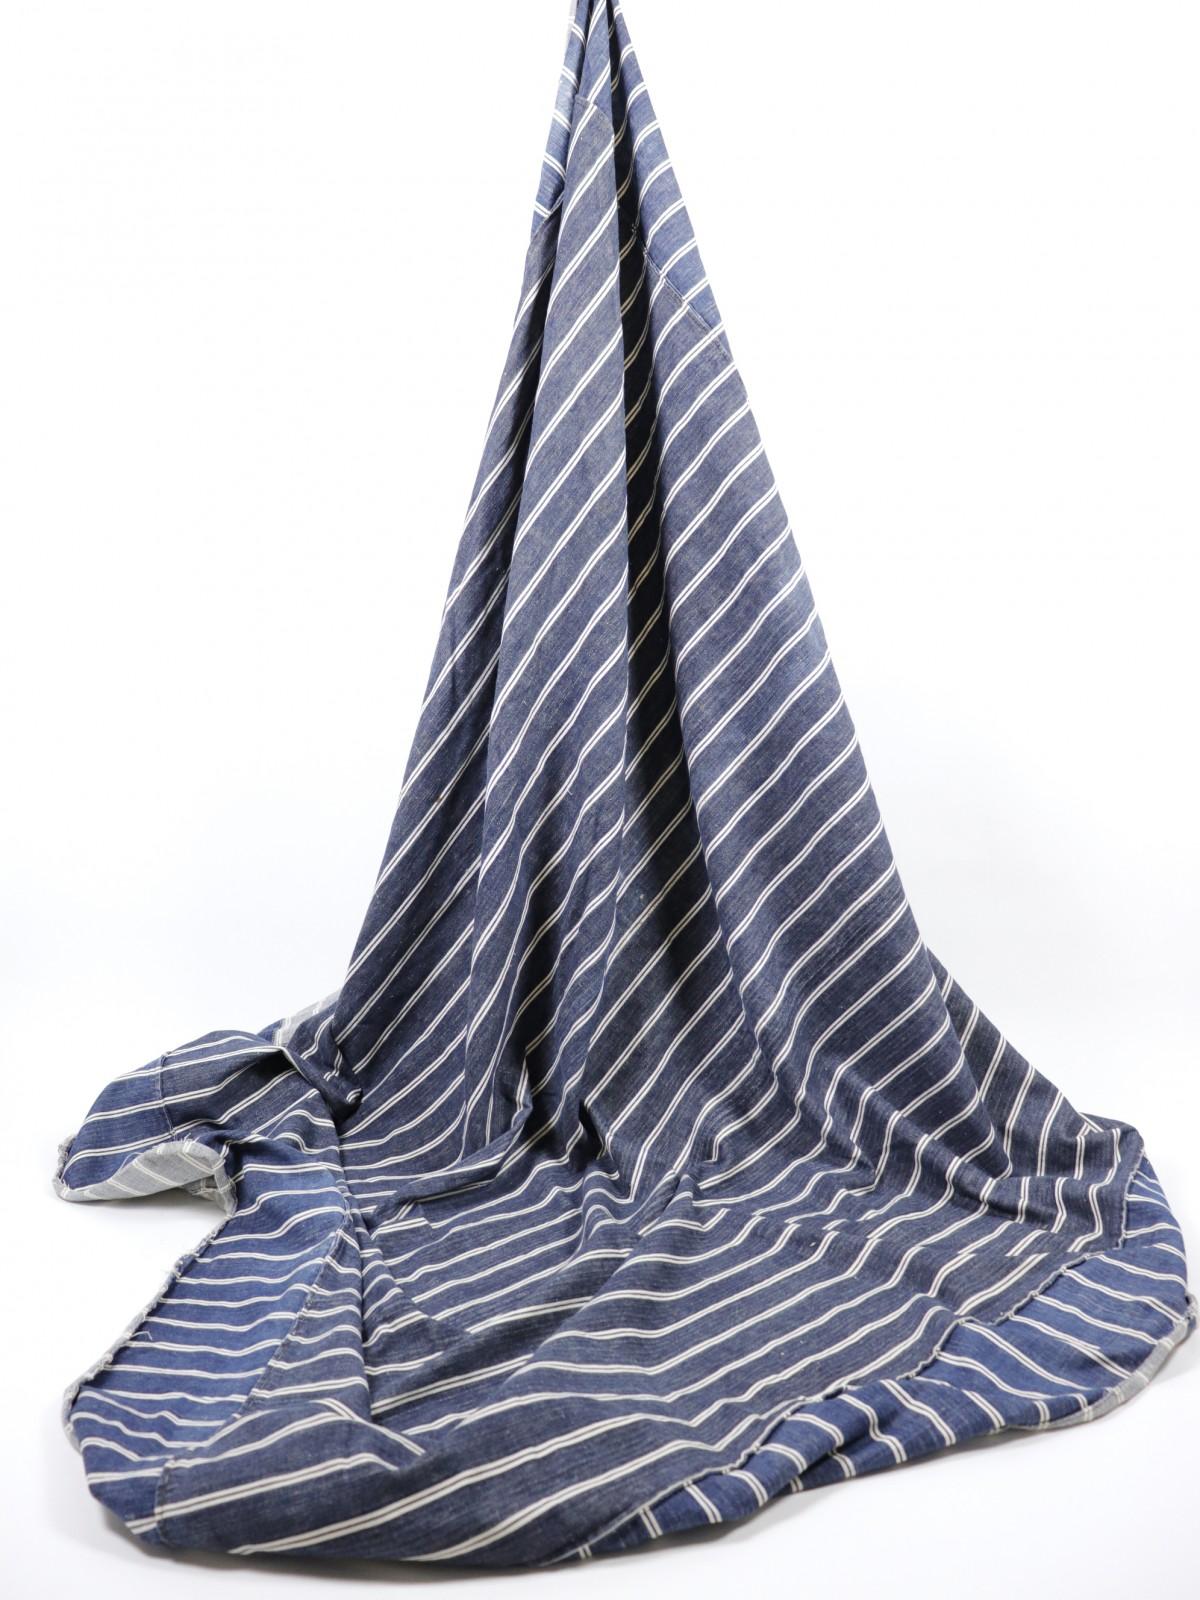 1960's, Italian fabric, upholstery fabric, Italy